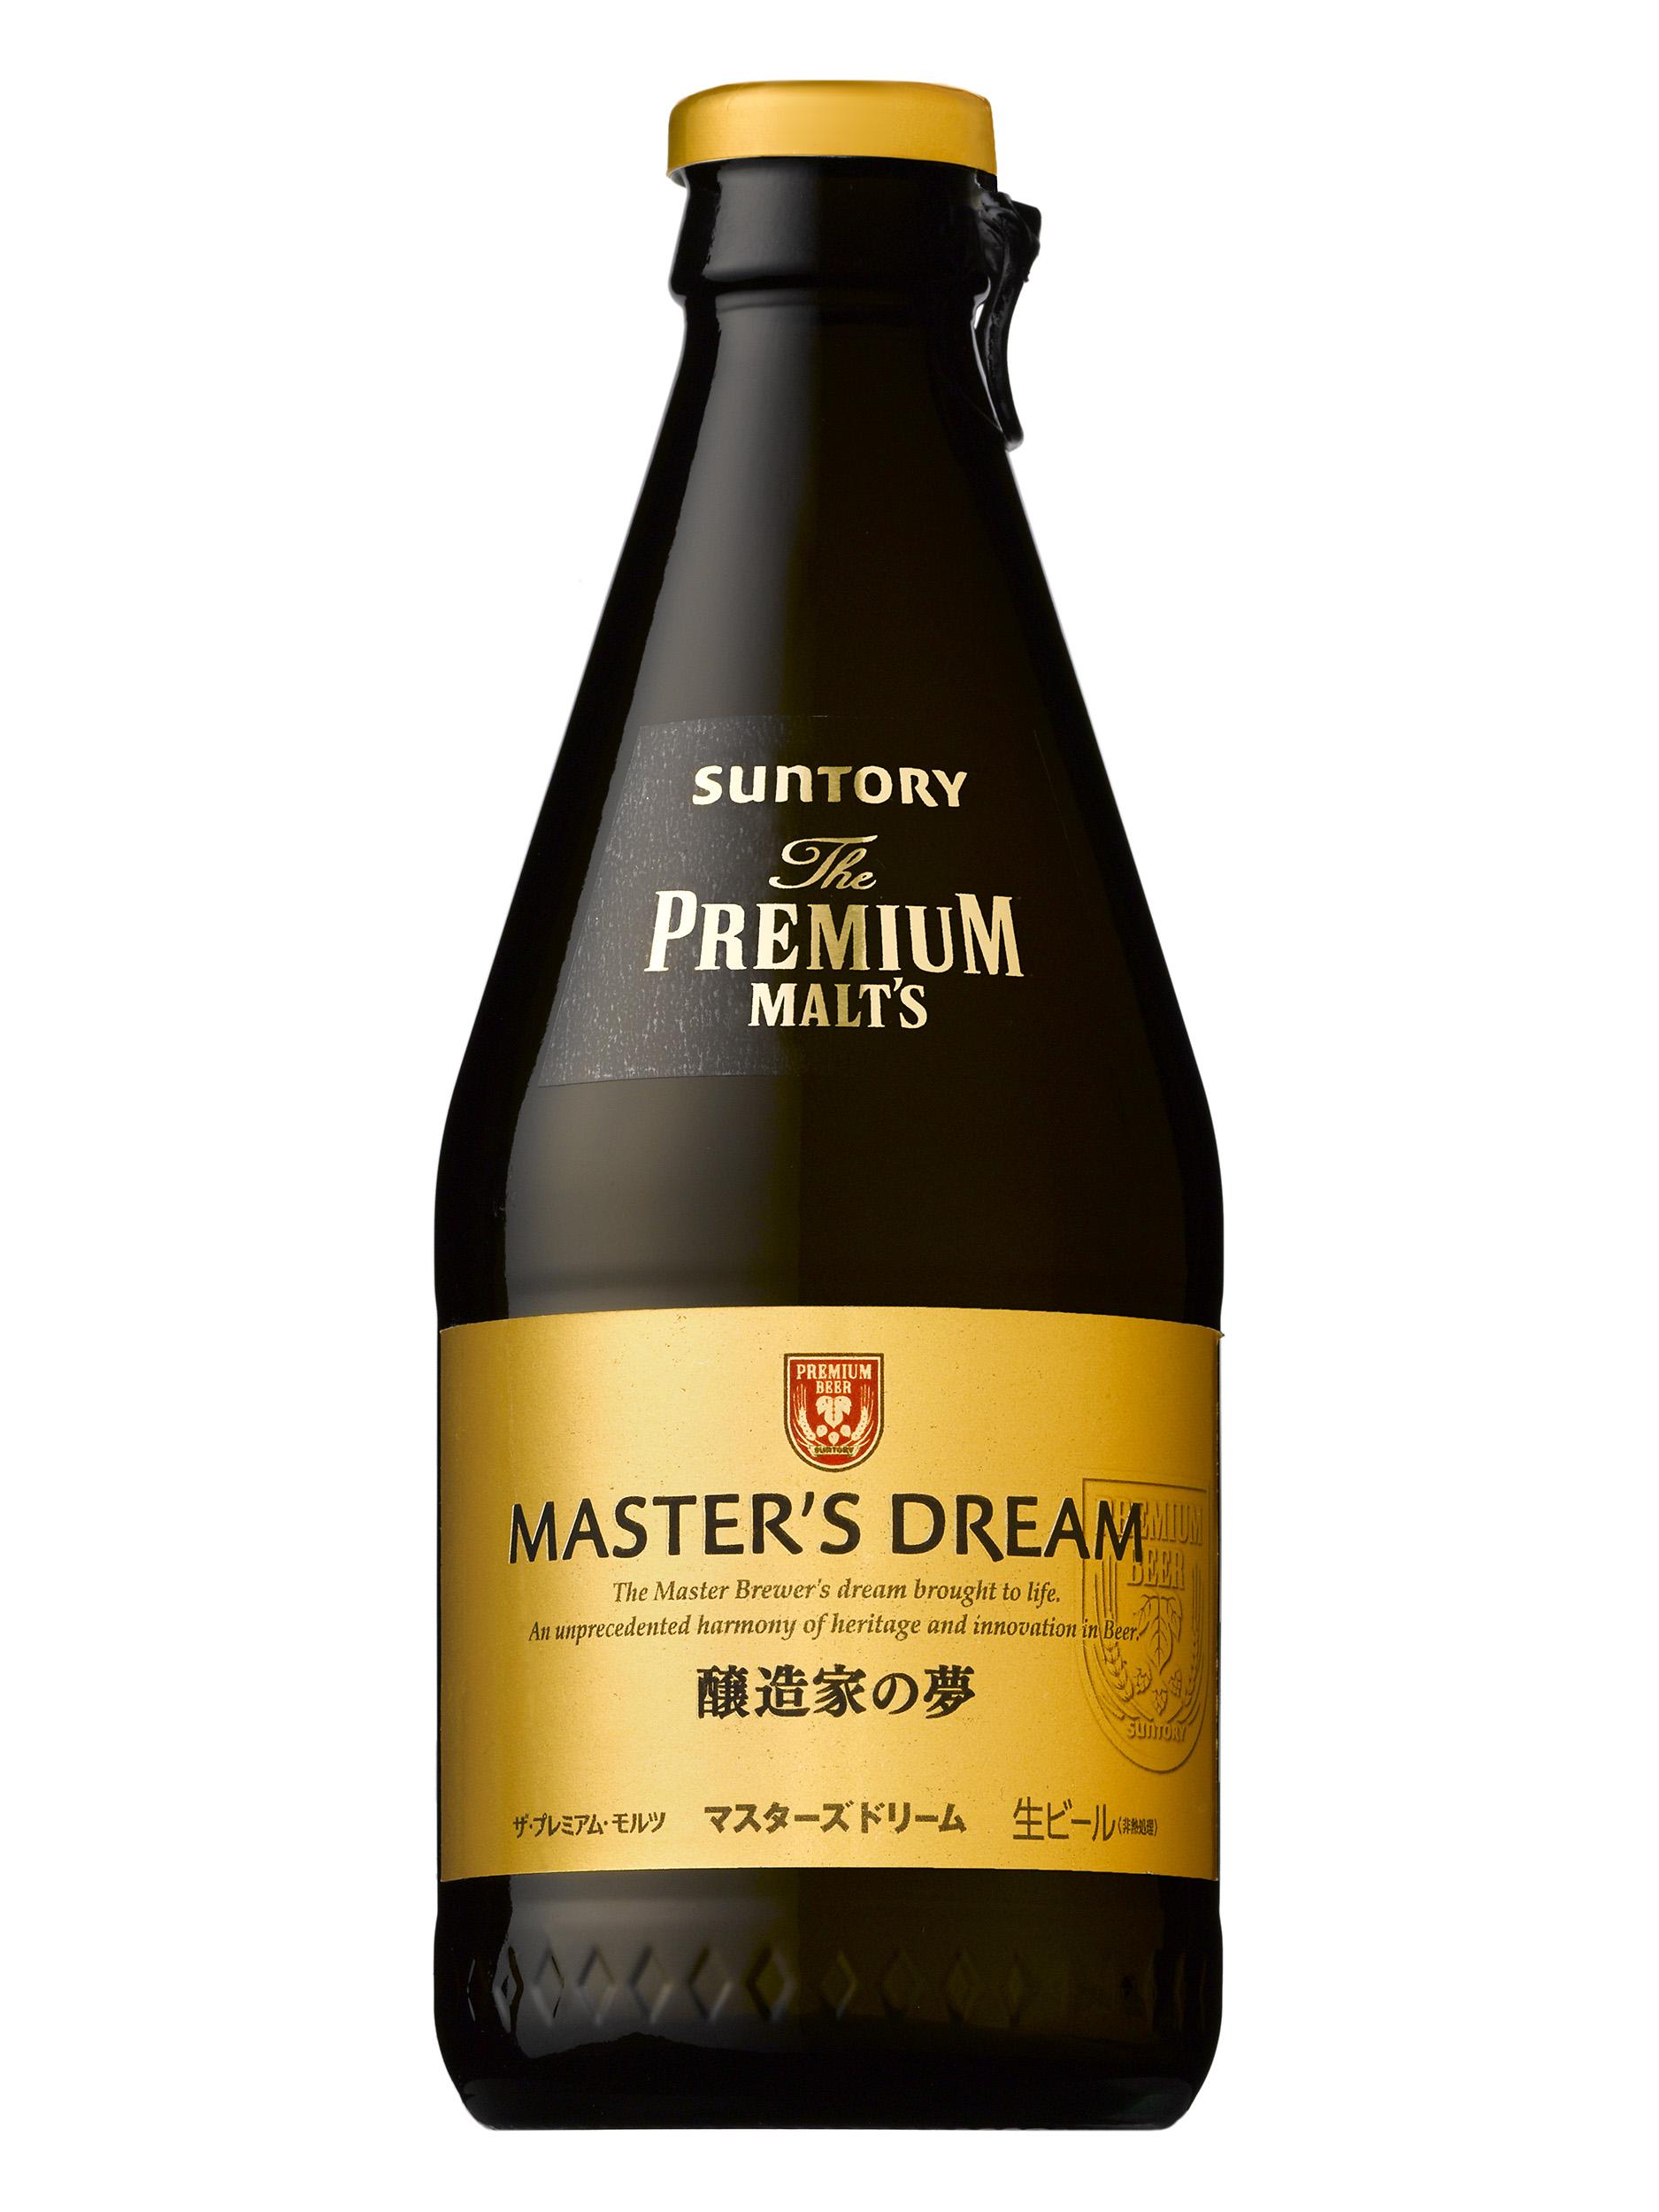 """「〜ザ・プレミアム・モルツ〜 マスターズドリーム」新発売― 醸造家たちが目指した、""""夢のビール""""がついに登場 ―"""